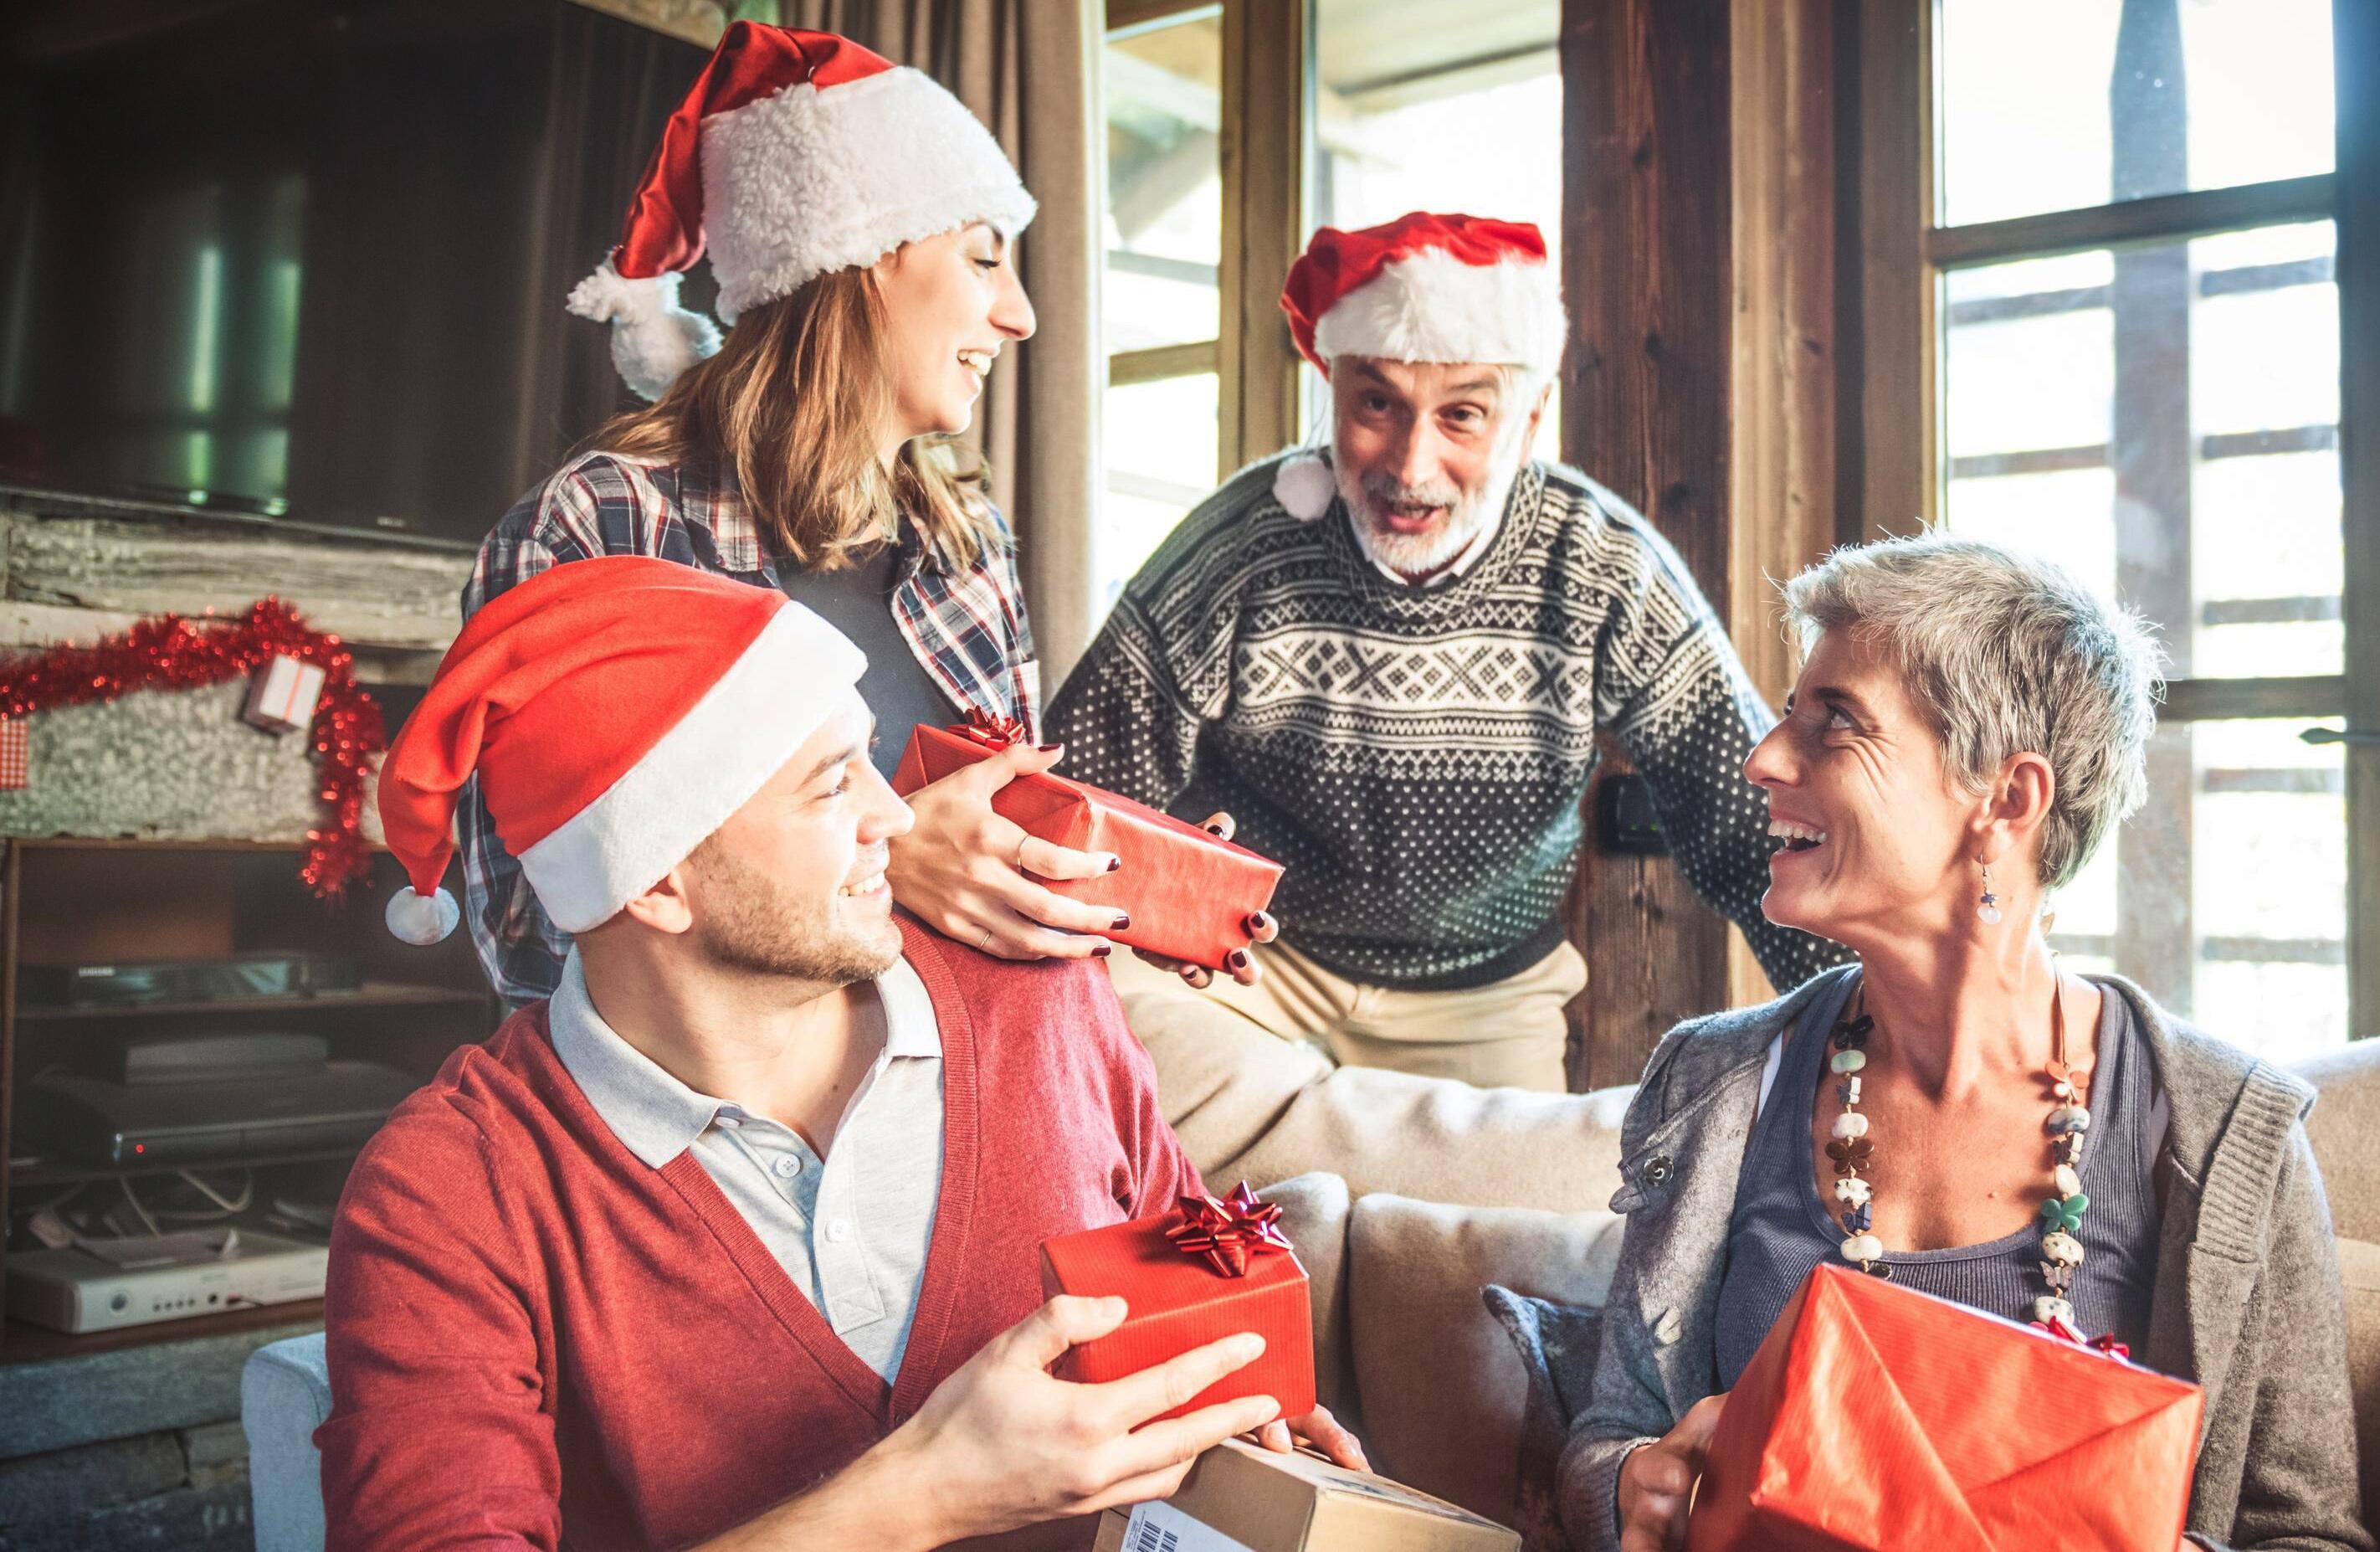 Weihnachtsgeschenke Für Schwiegereltern.Die Besten Weihnachtsgeschenke Für Die Schwiegereltern Gmx At